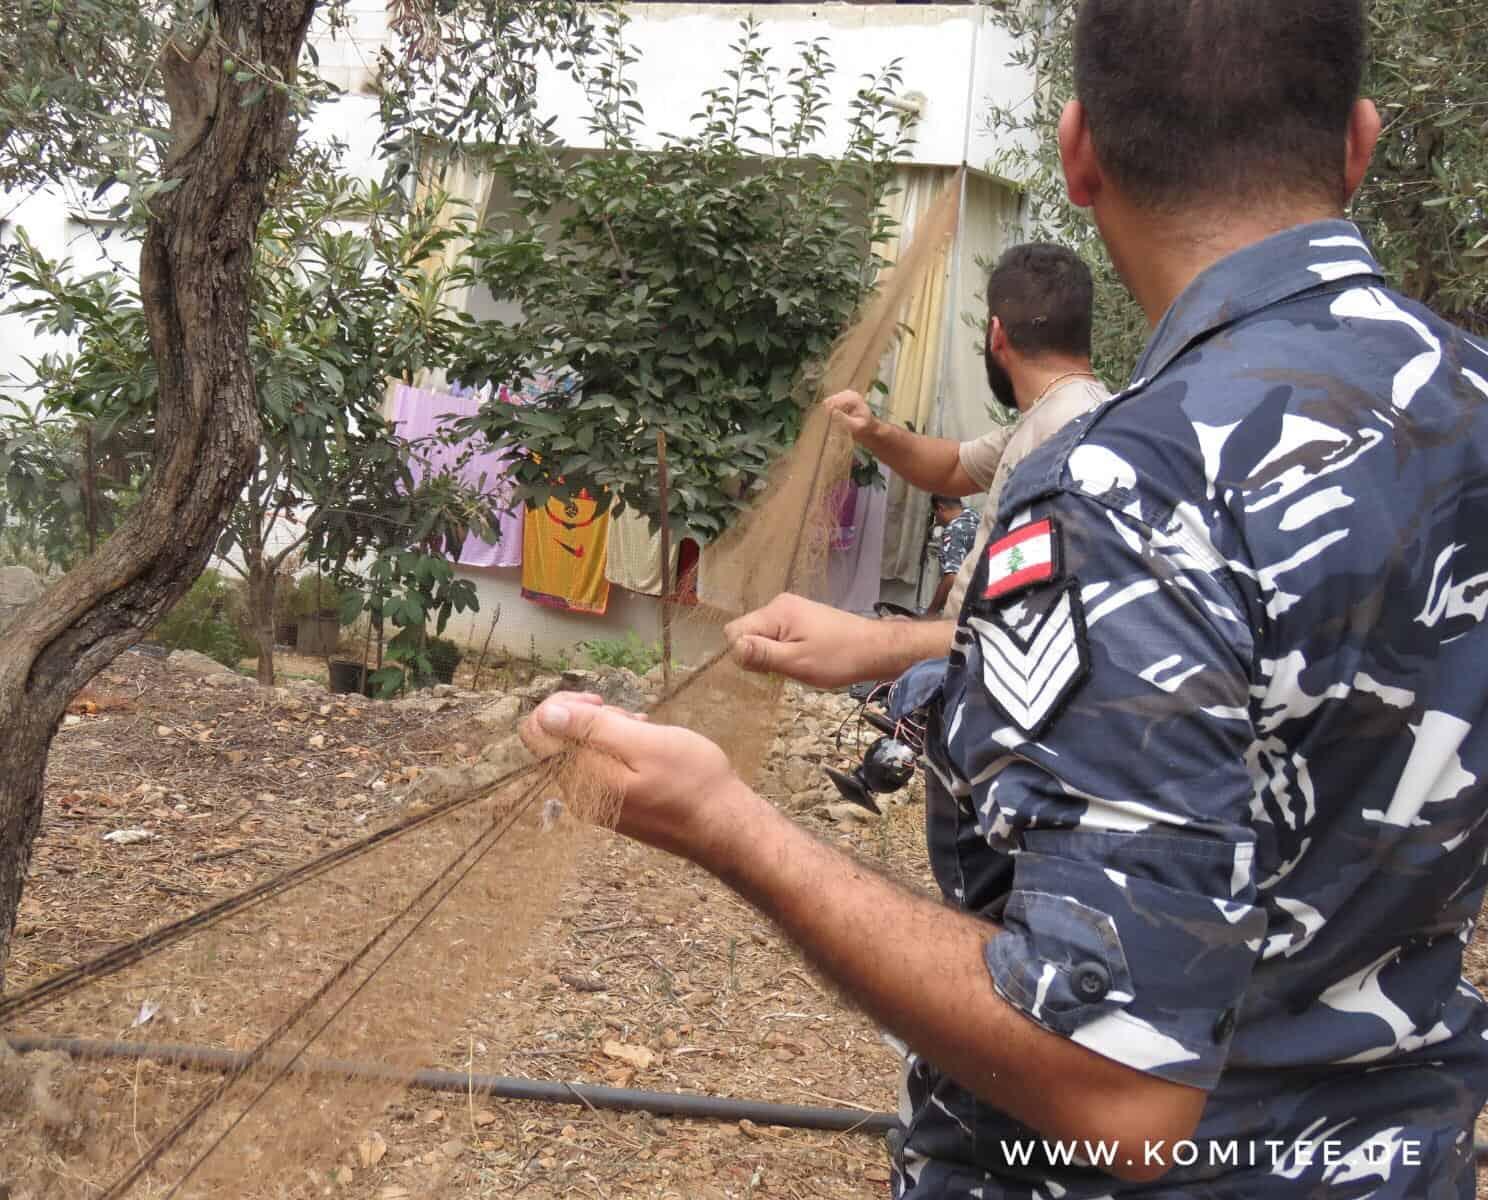 Funkcjonariusze zdejmują sieci do chwytania ptaków